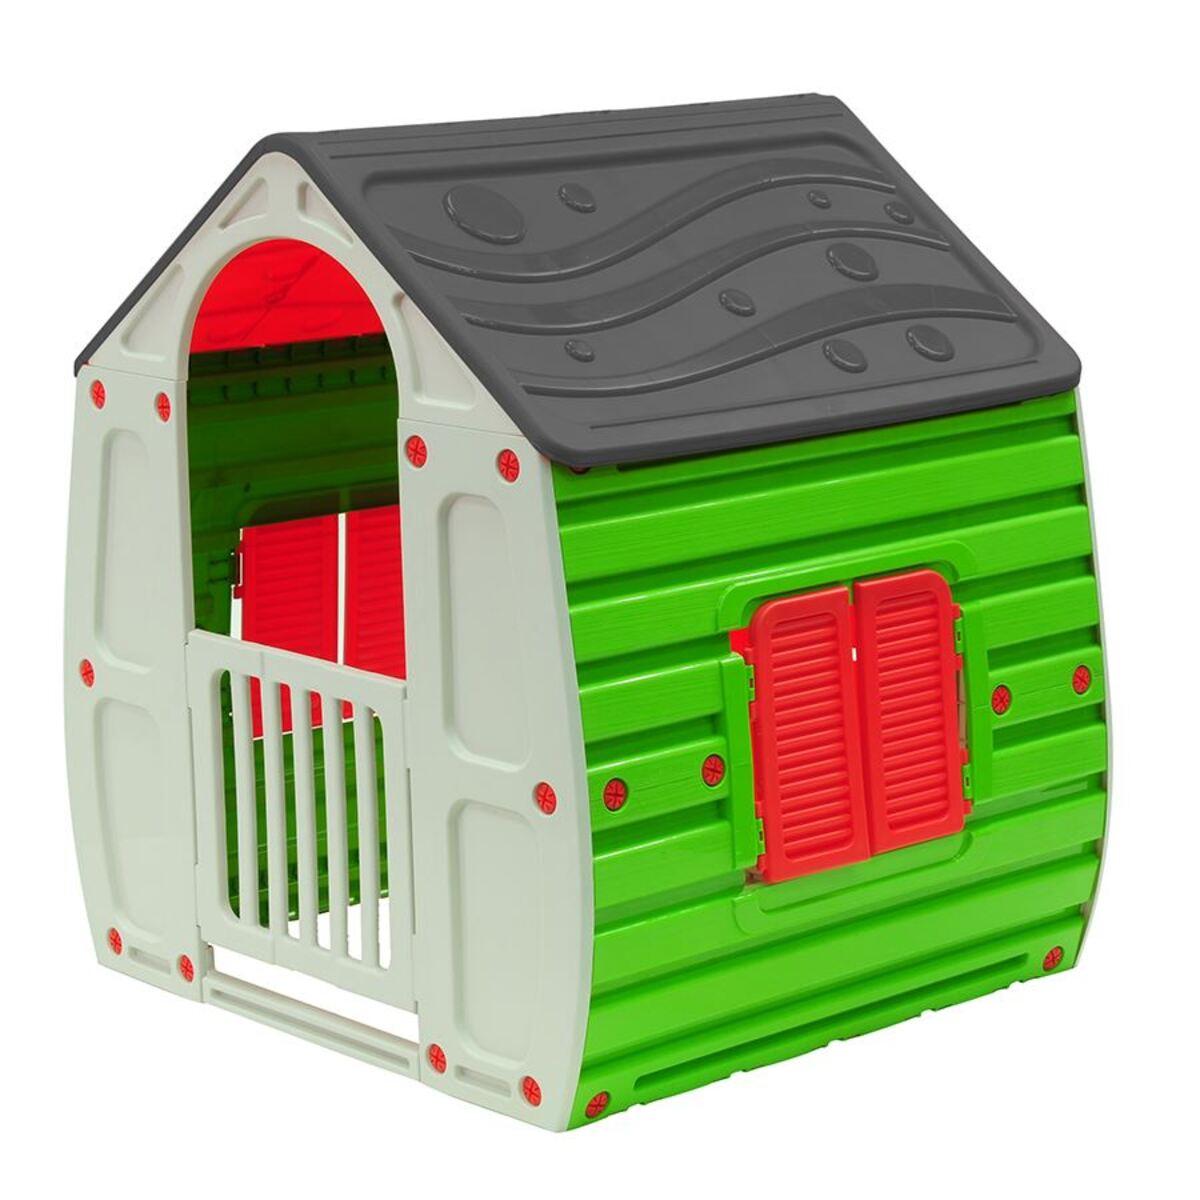 Bild 1 von Magical Kinder-Spielhaus